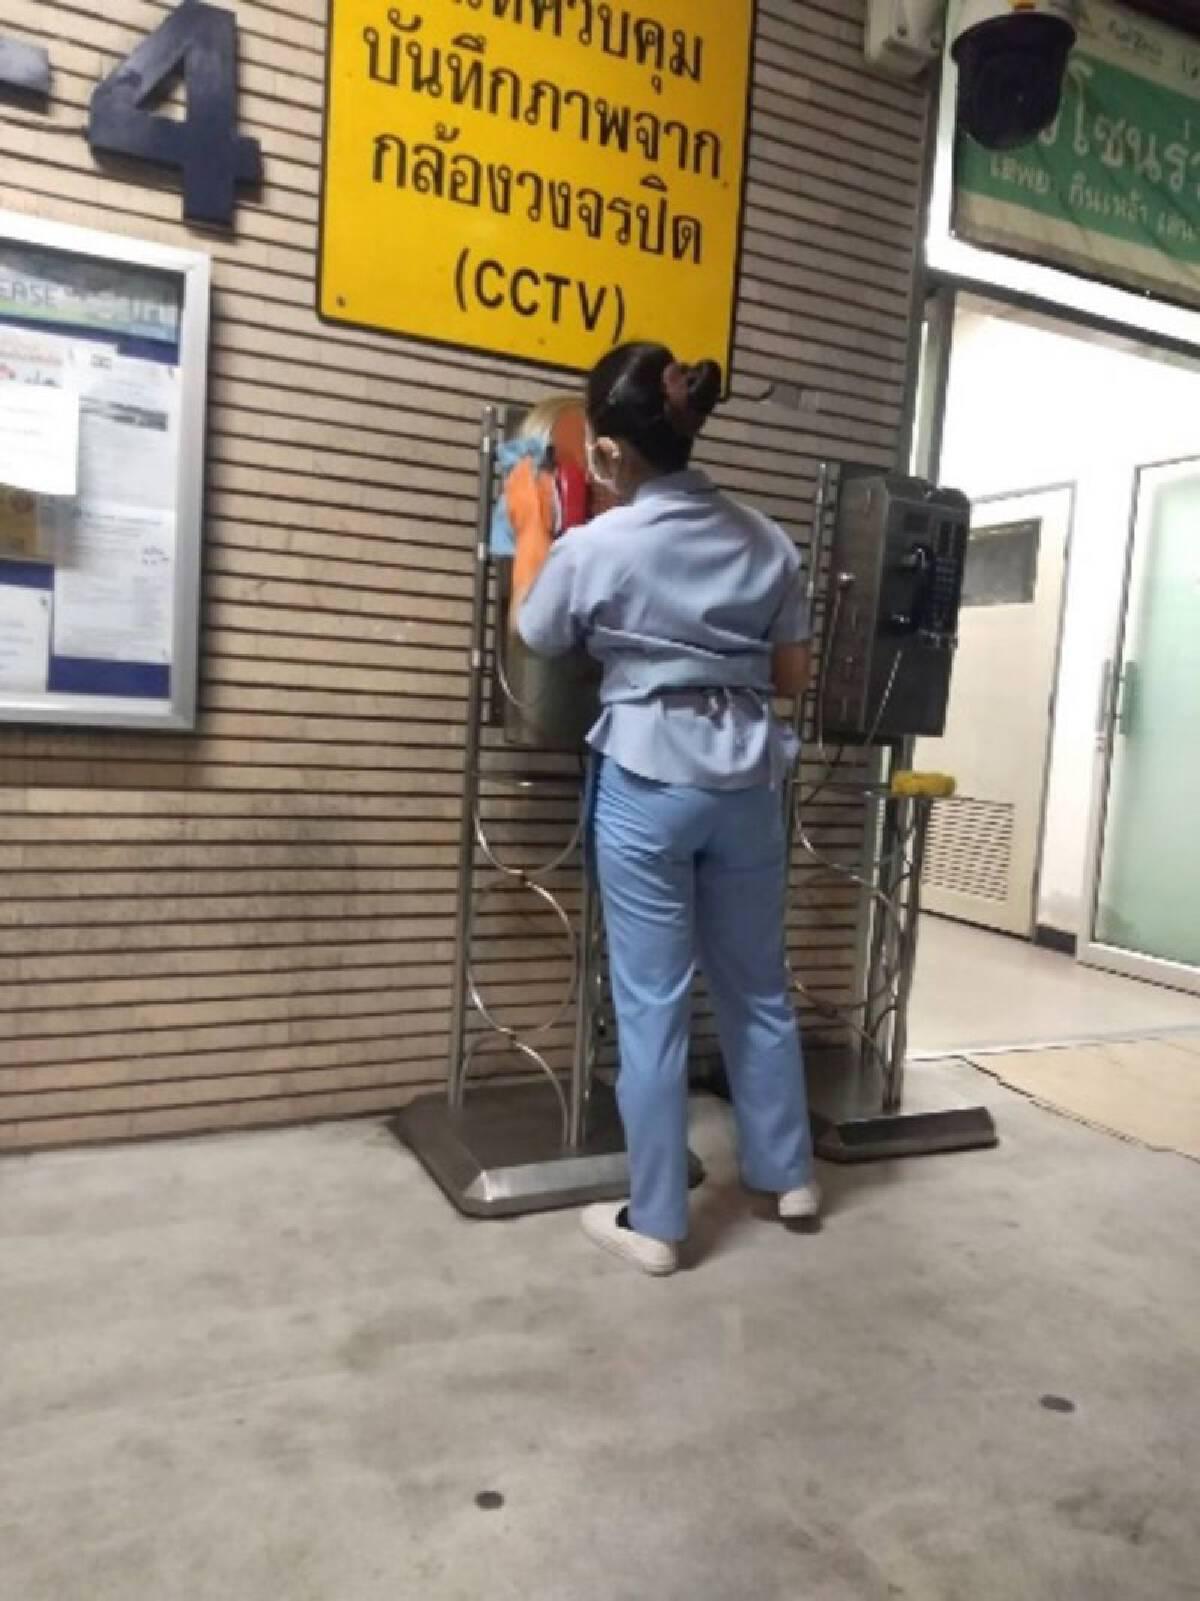 สนามบินสุวรรณภูมิ ยกระดับคุมโควิด-19 หลังพบพนักงานชิปปิงติดเชื้อ